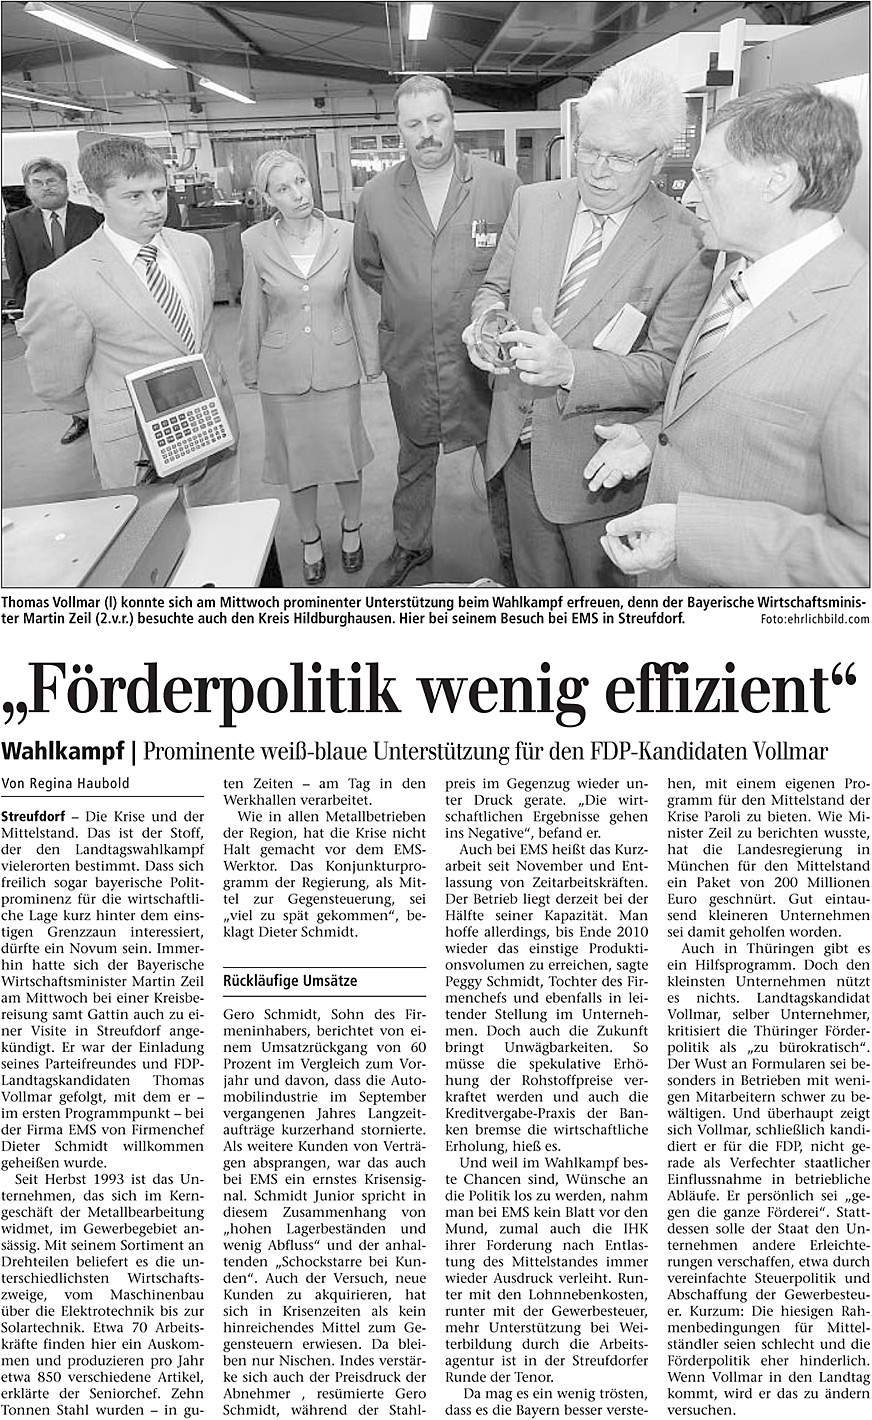 """August 2009 – Zeitungsartikel in """"Freies Wort"""" Förderpolitik wenig effizient"""